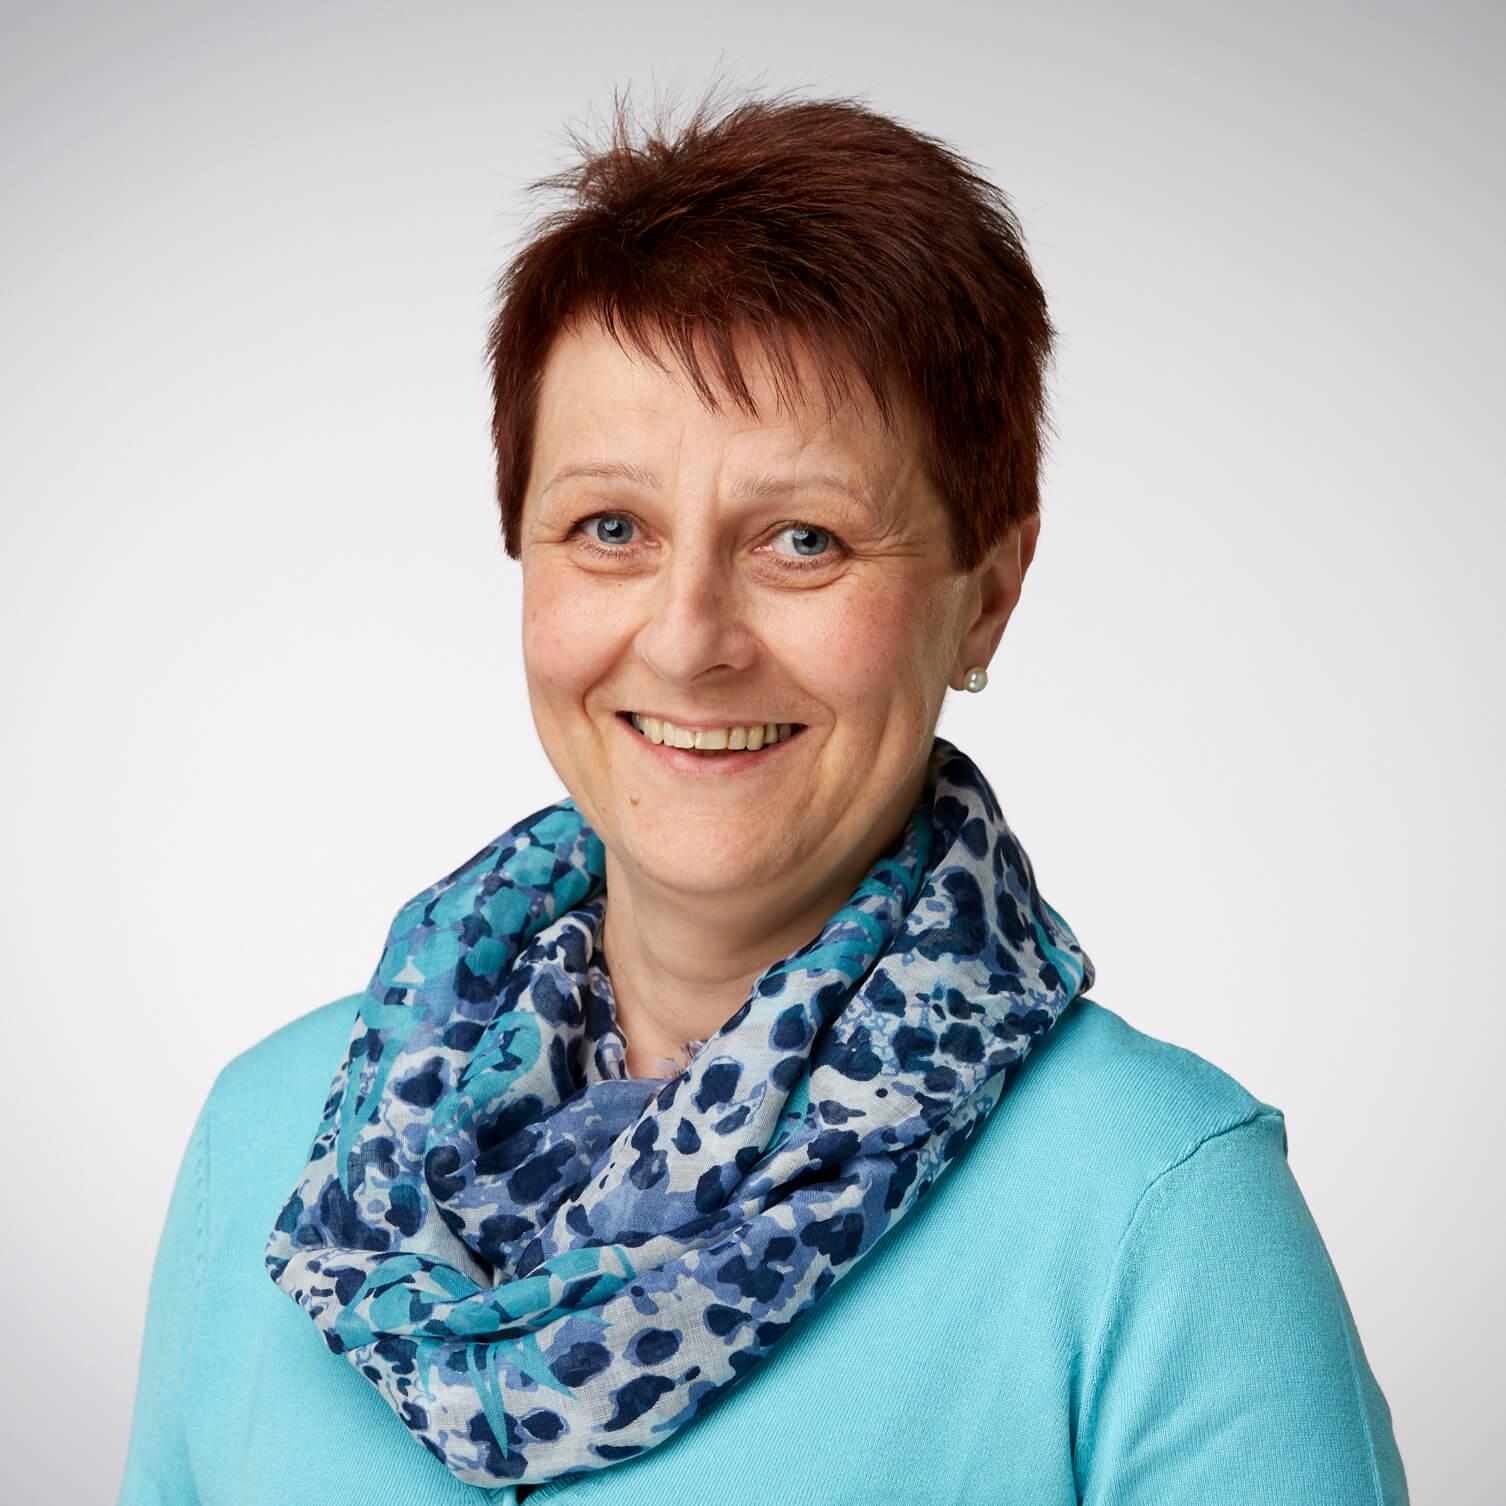 Sabine Straif